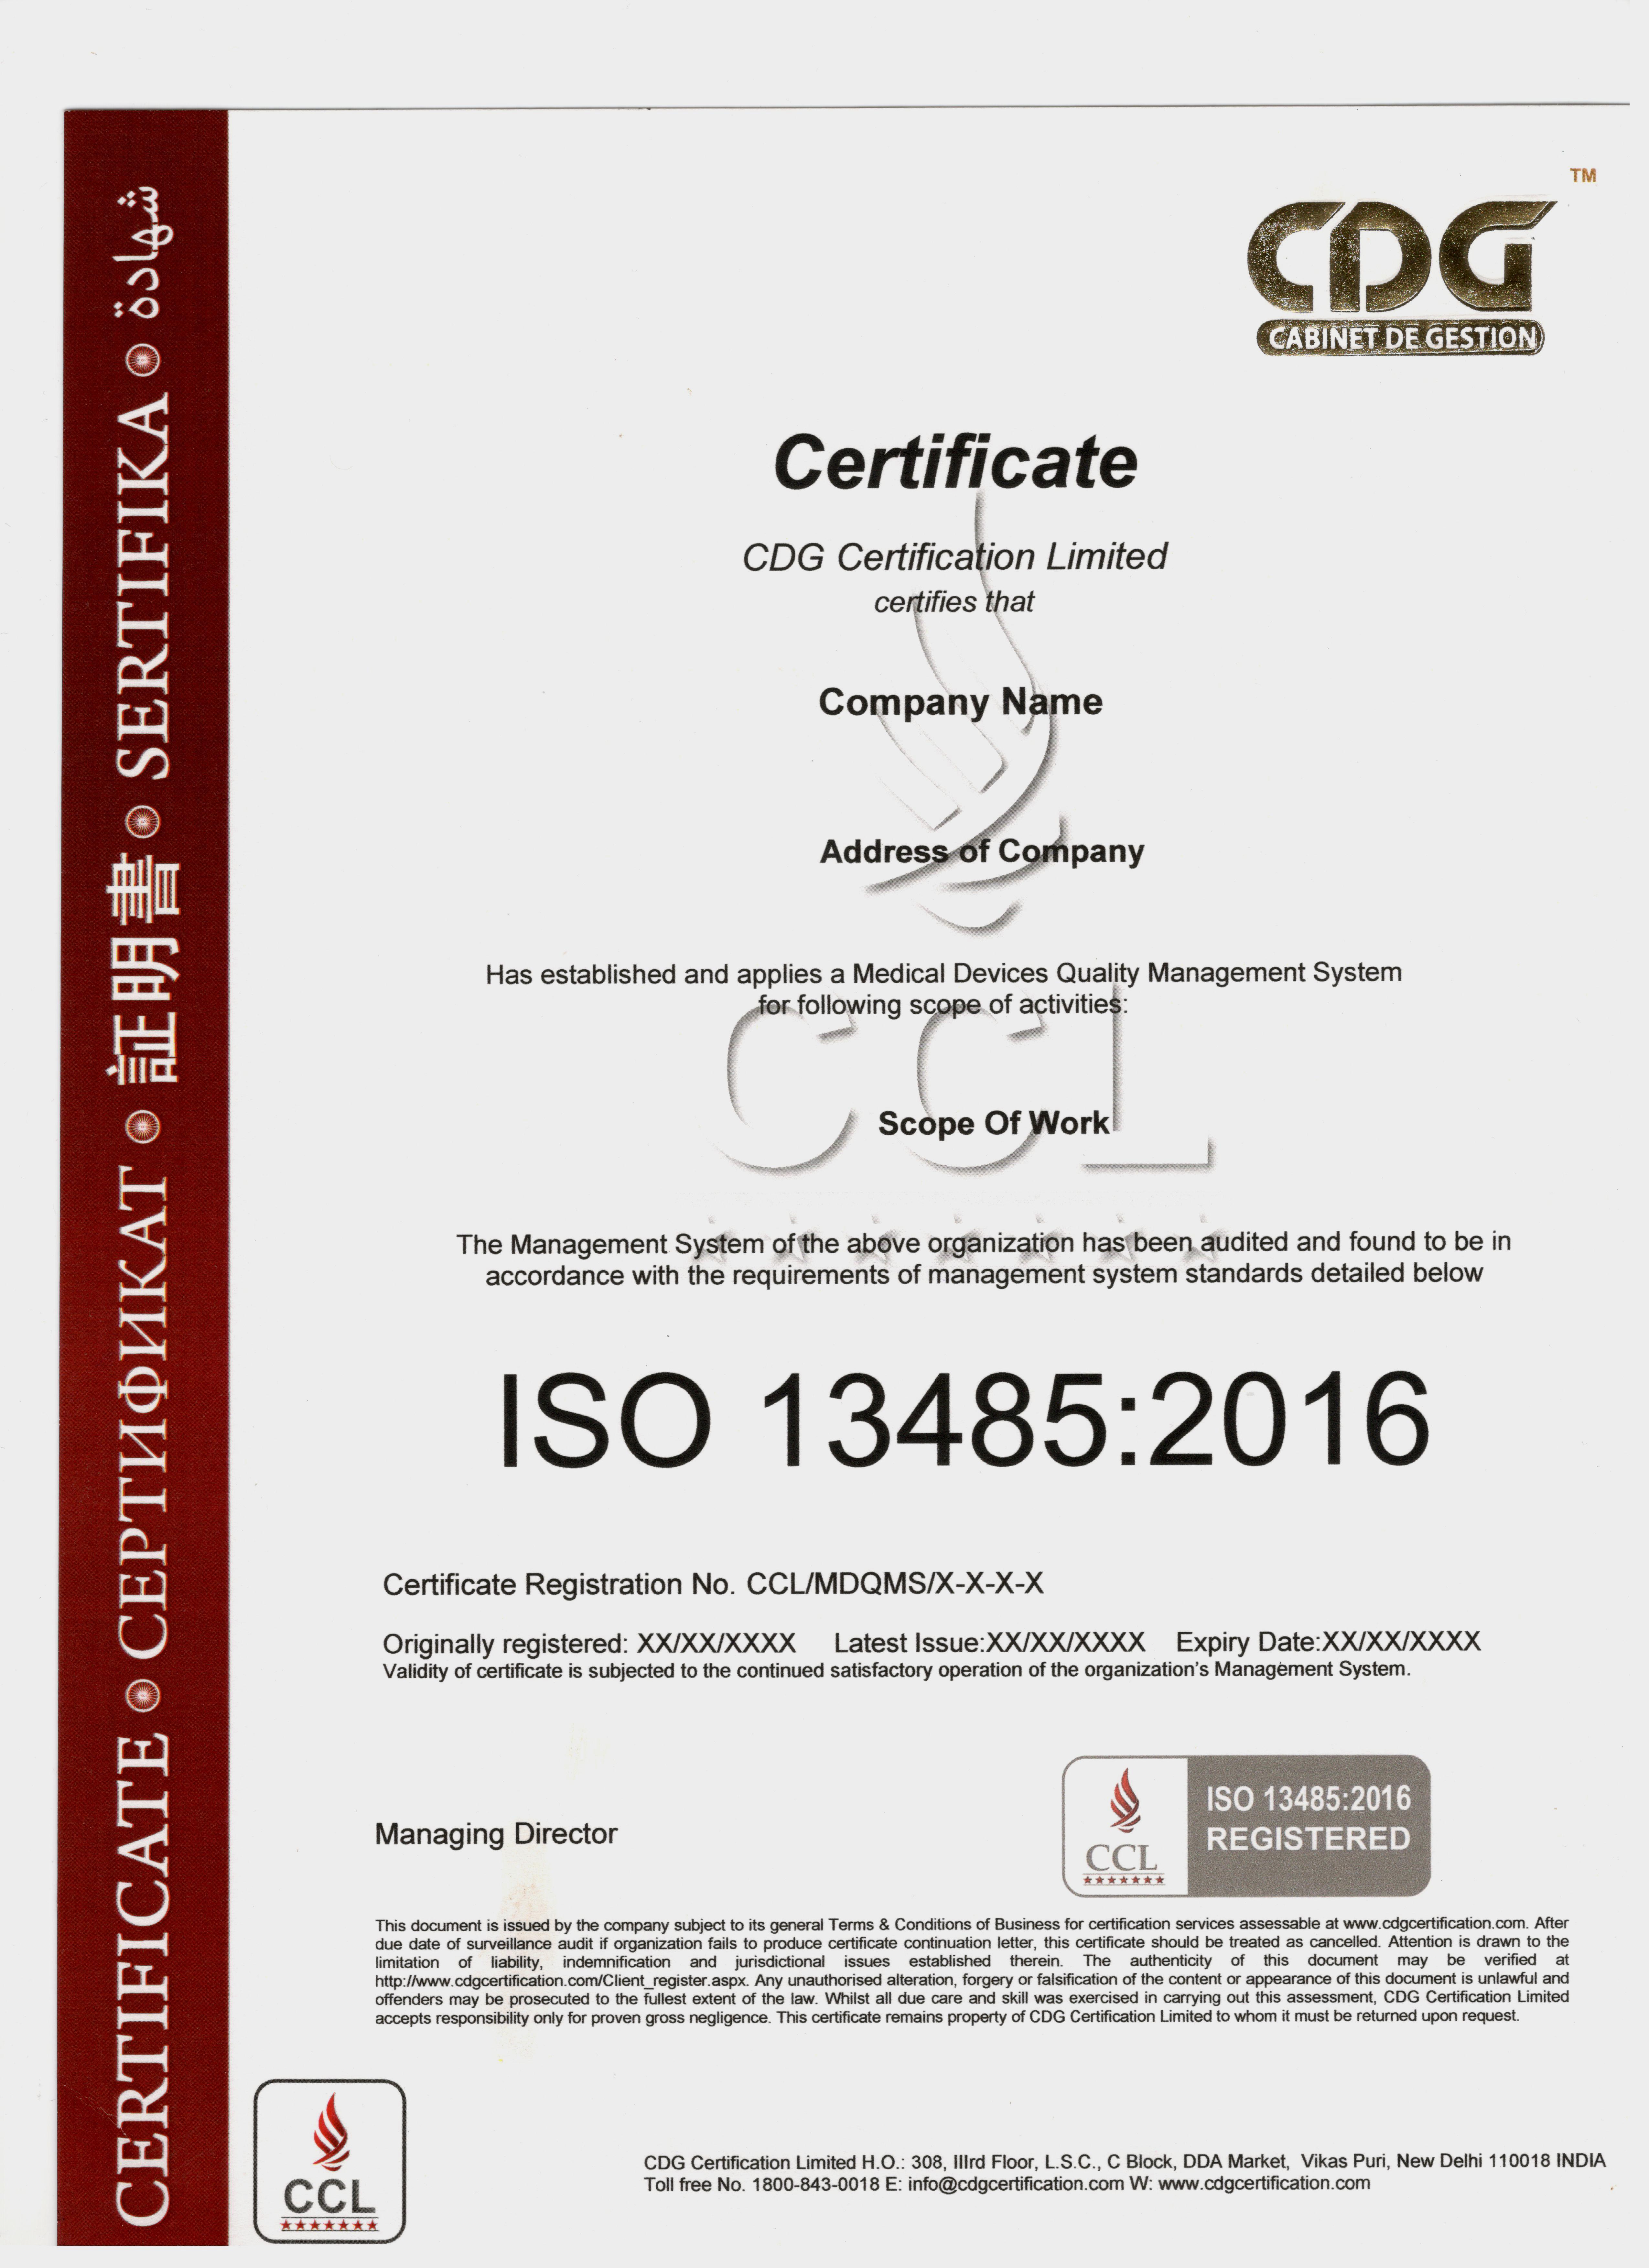 Sample iso 134852016 certificate buycottarizona